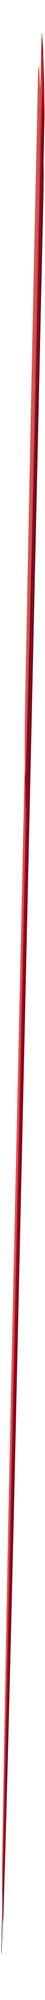 Ручка шариковая Senator Dart Polished, красная